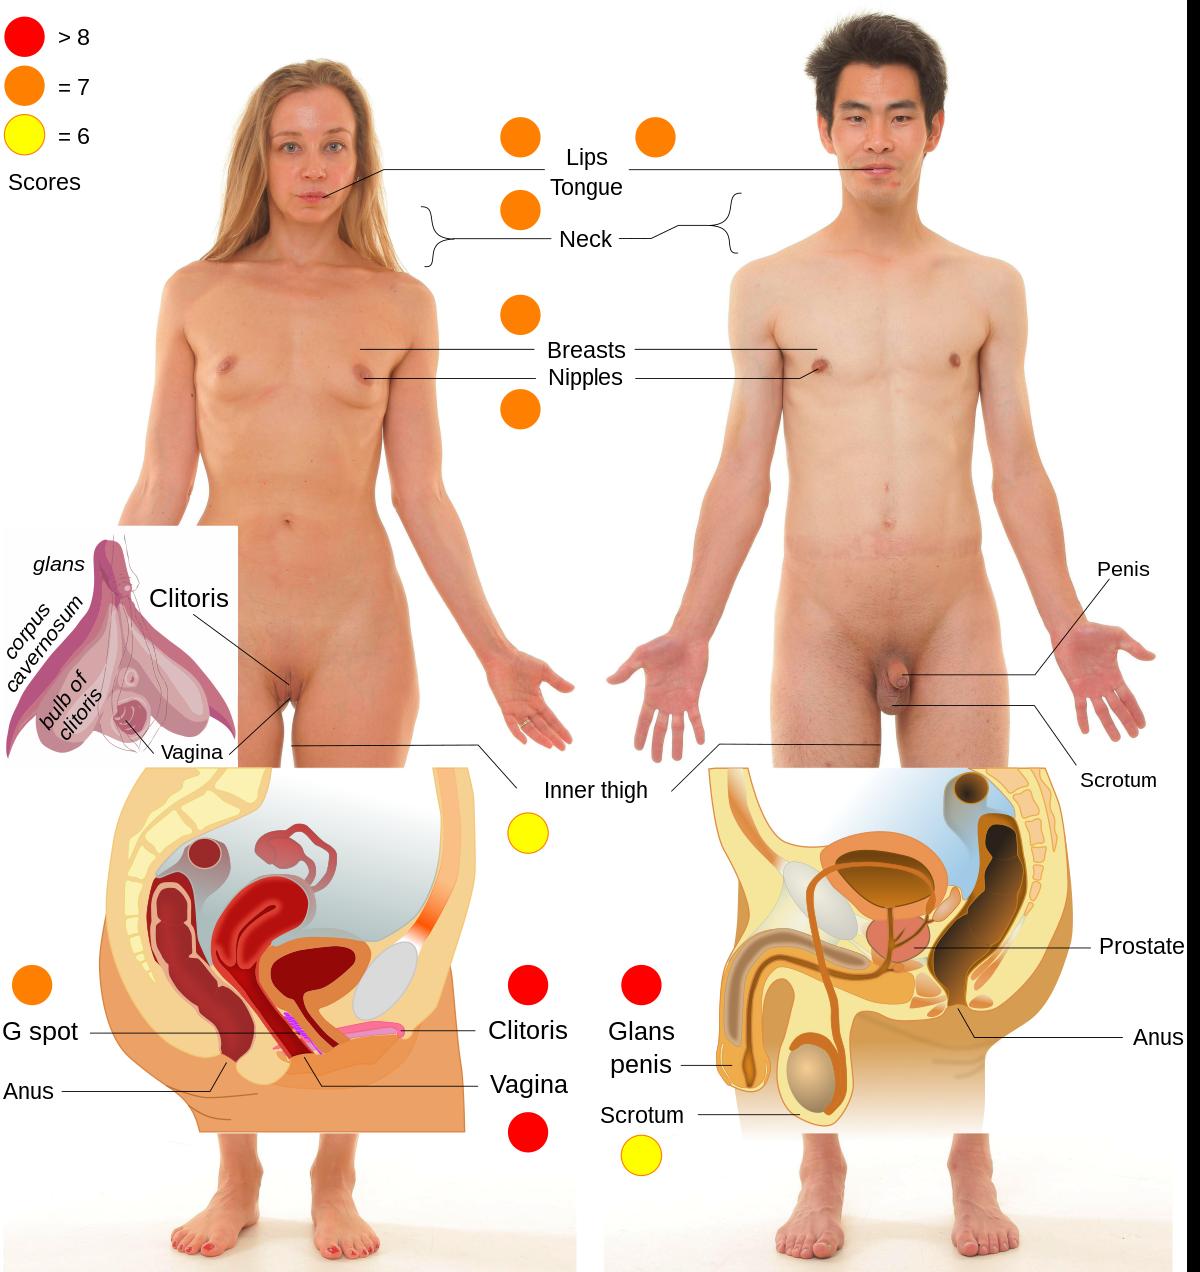 hím erogén pontok a péniszen